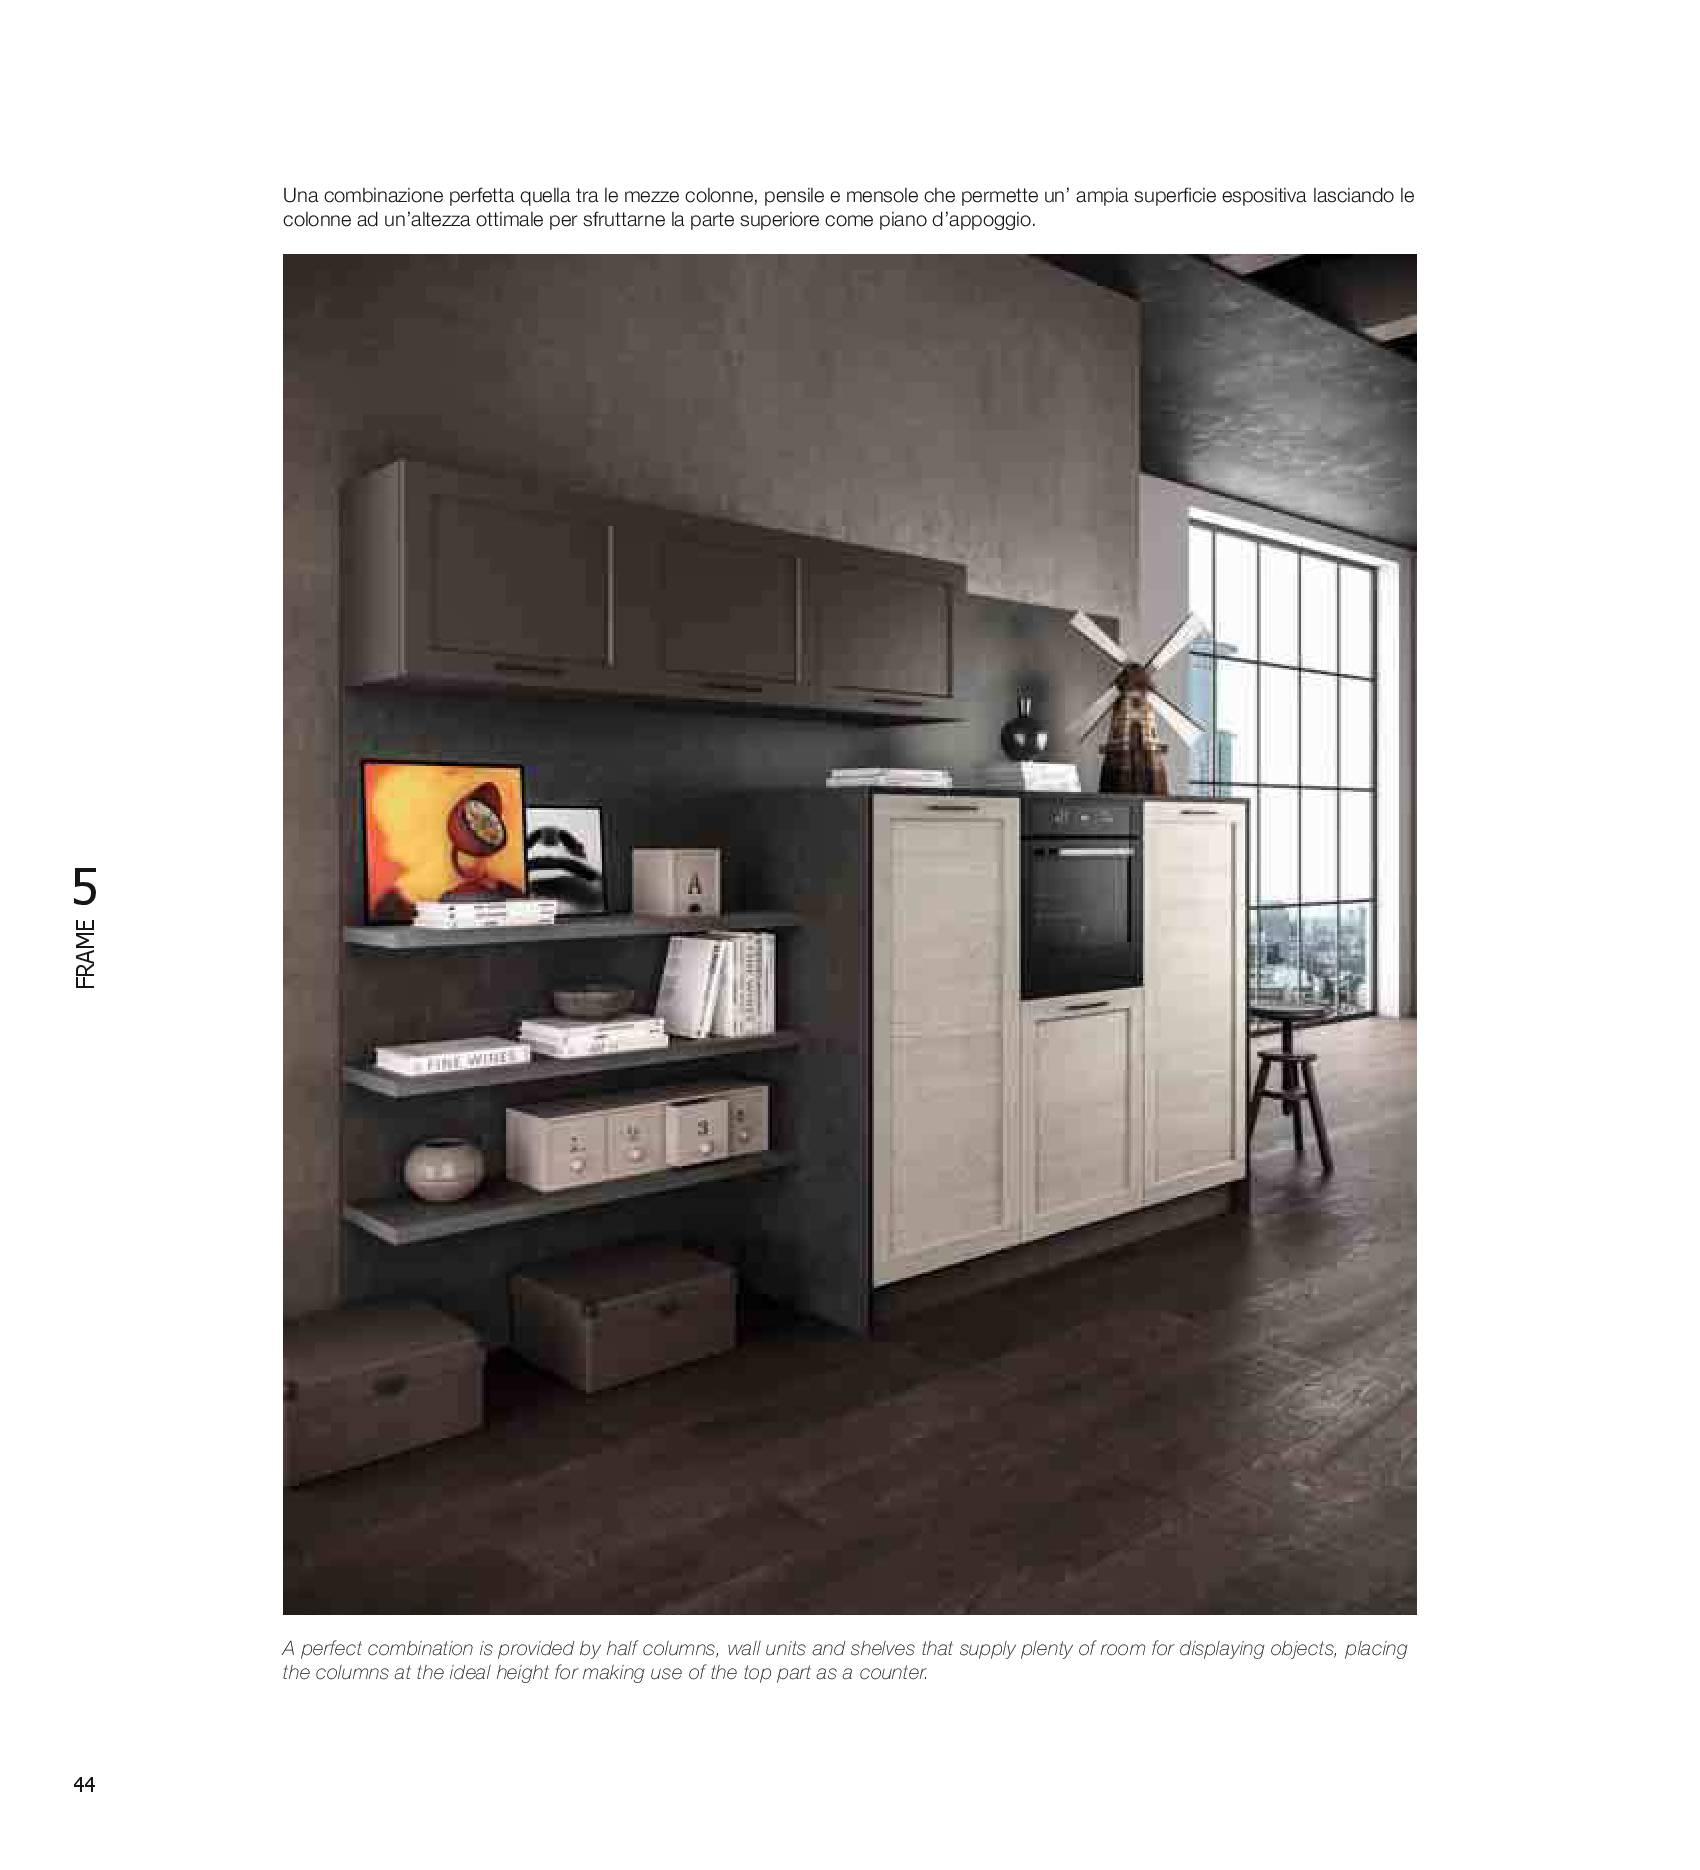 Cucina Frame Arredo3 Catalogo Sfogliabile Interattivo